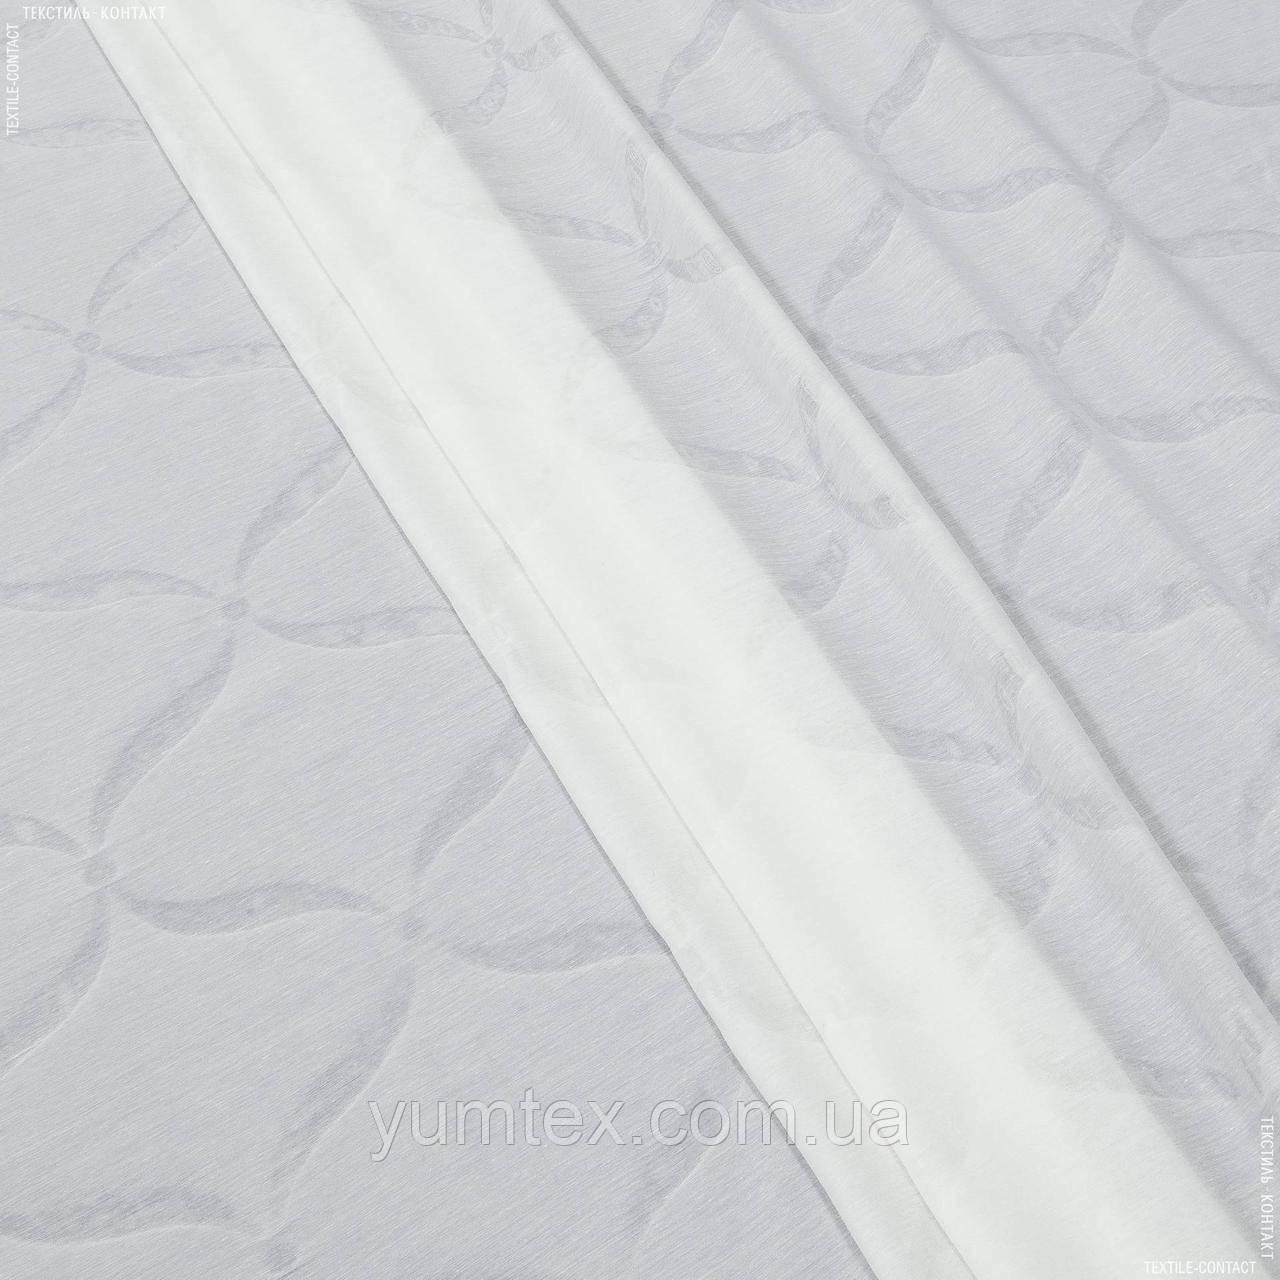 Тюль батист з обважнювачем подвійний тиснення абстракція молочний 137859